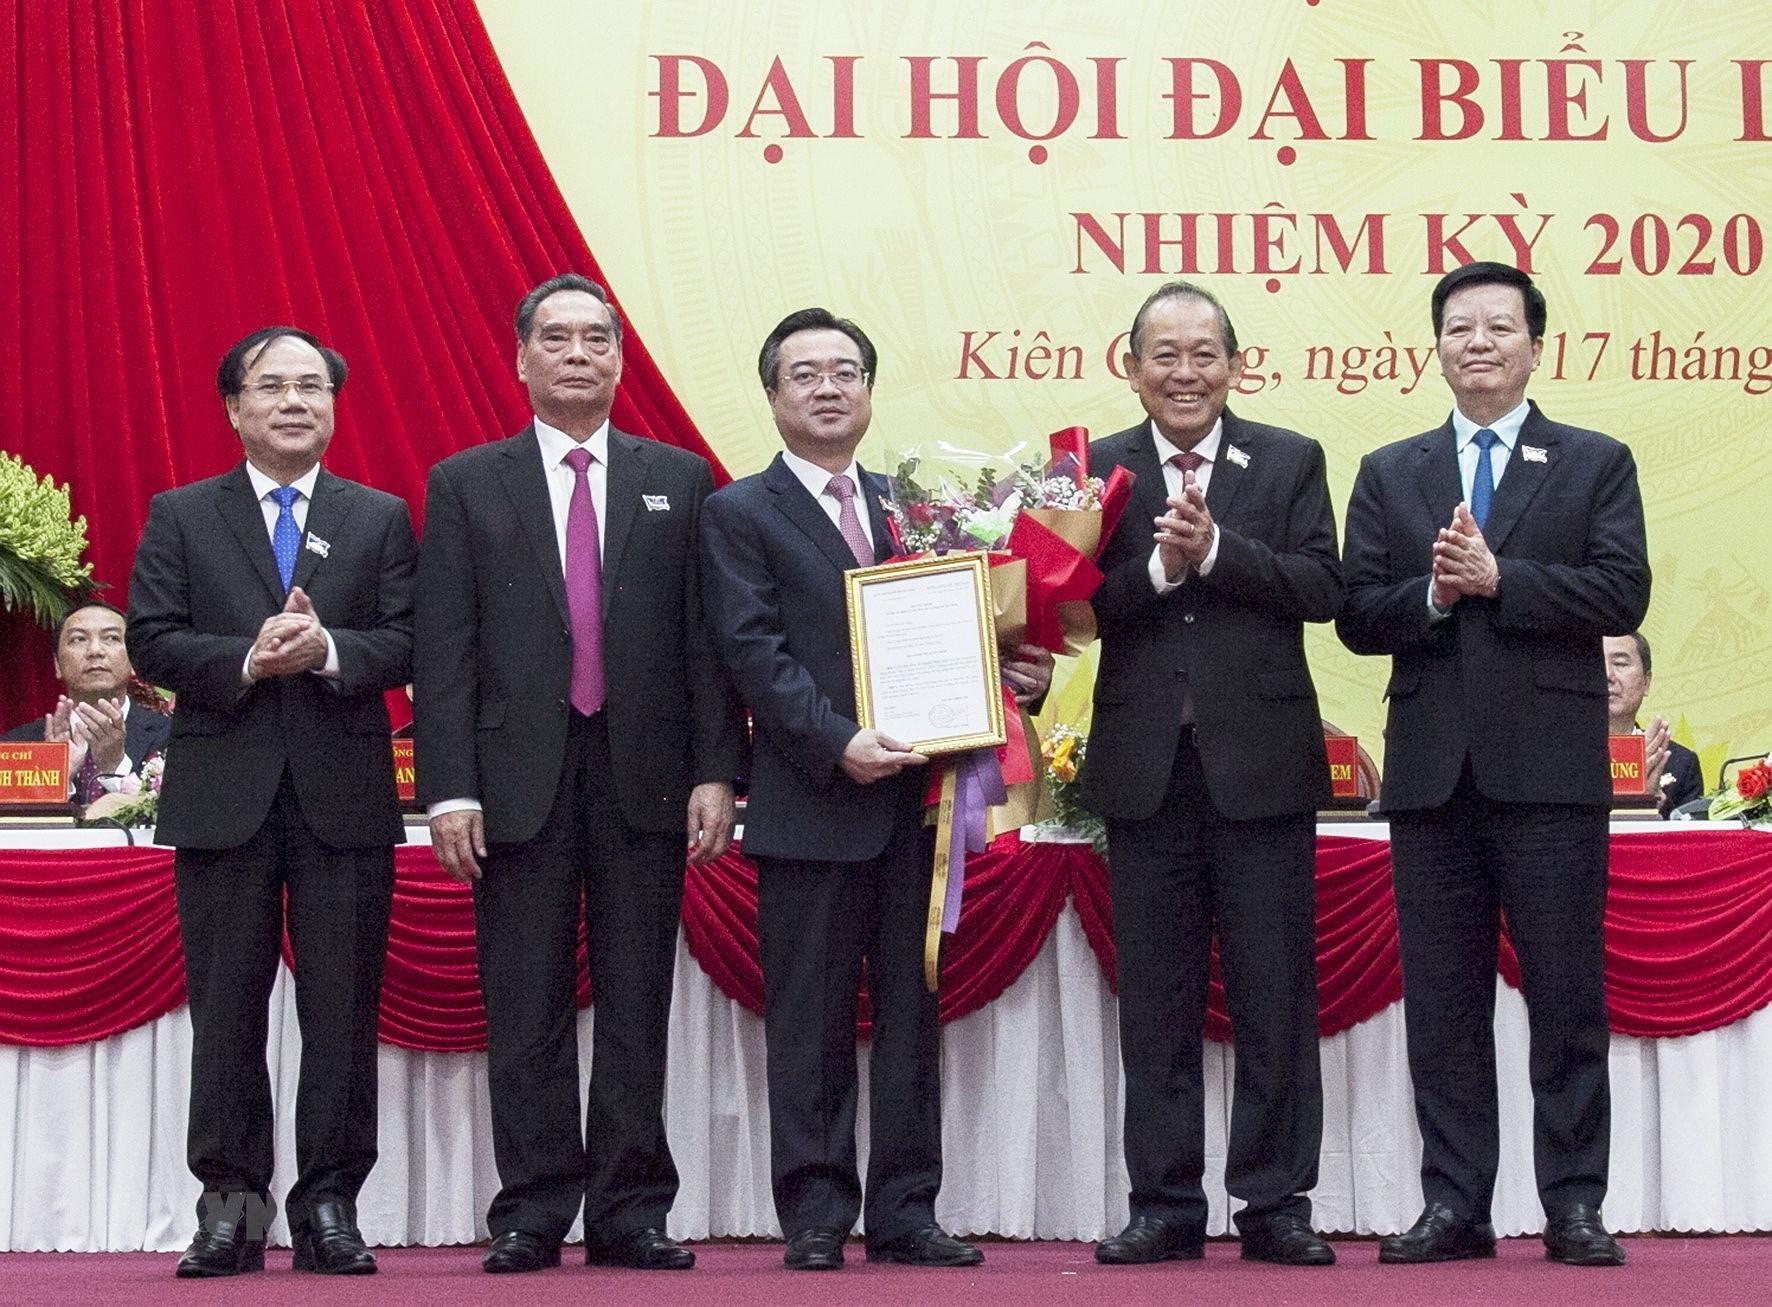 Pho Thu tuong Truong Hoa Binh du Dai hoi Dang bo tinh Kien Giang hinh anh 2